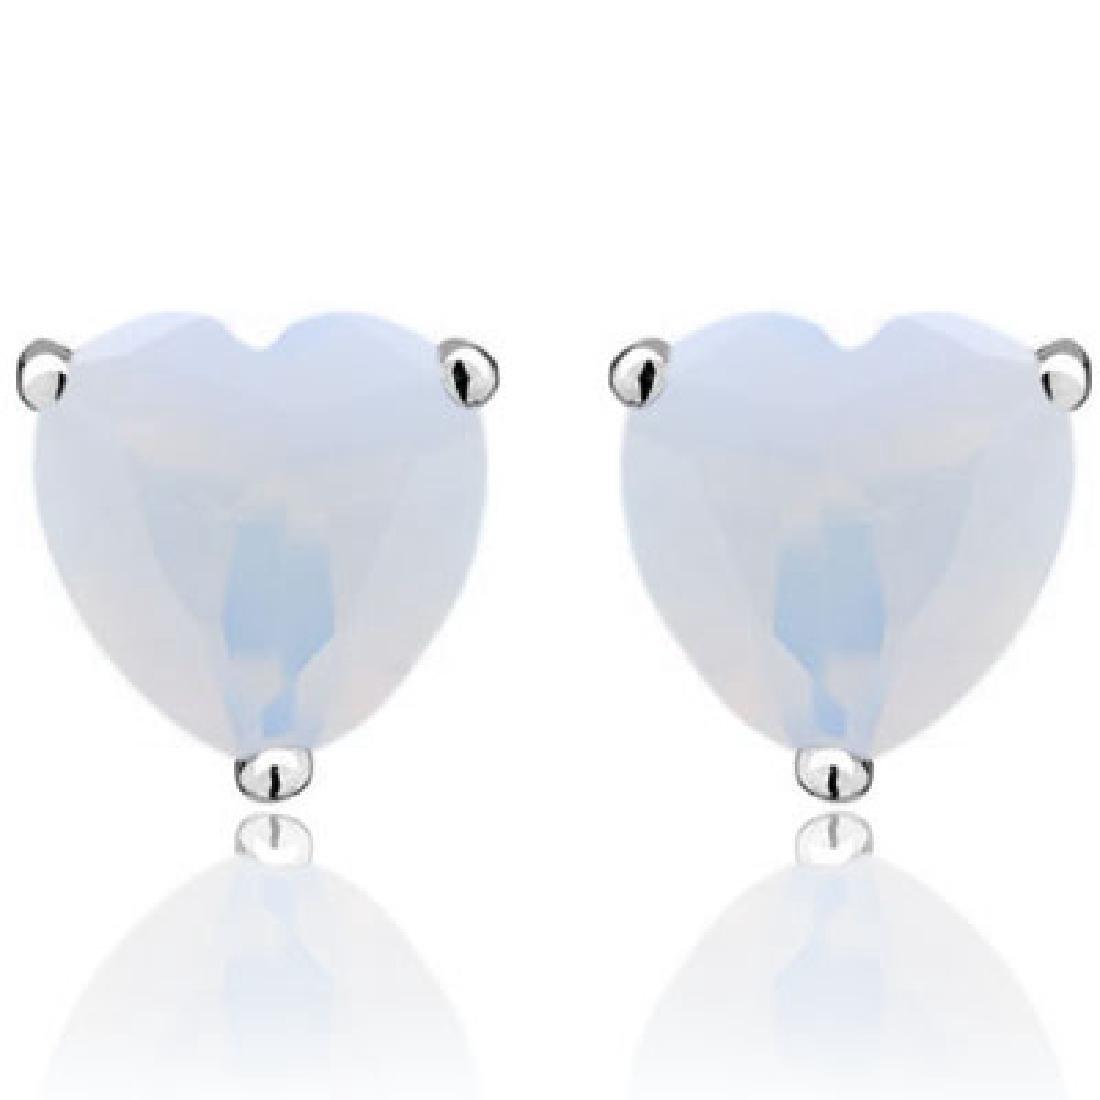 1CT FIRE OPAL HEART CUT SOLITAIRE EARRINGS